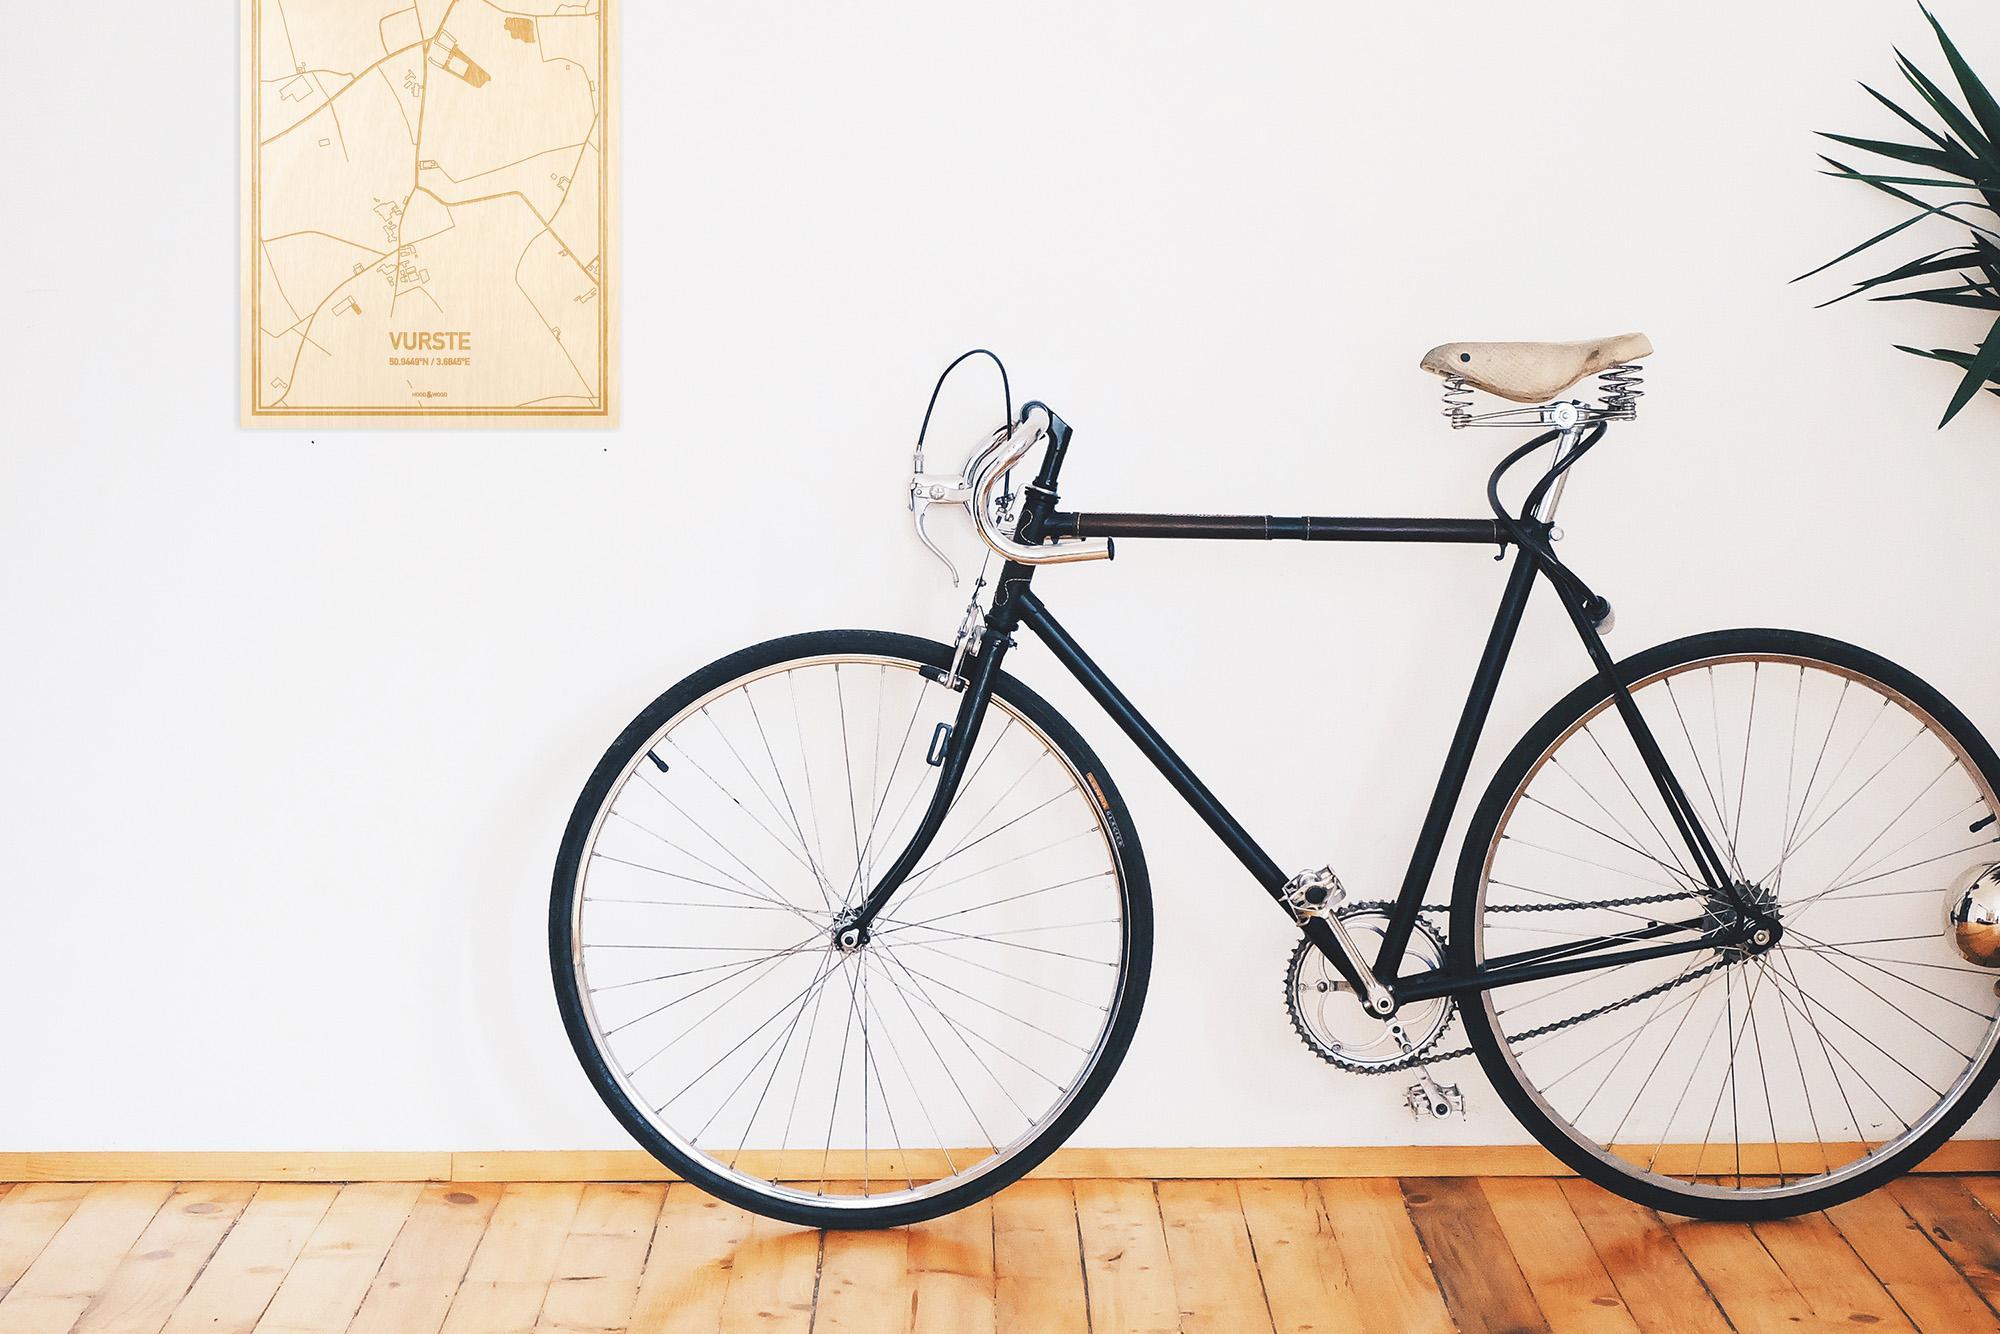 Een snelle fiets in een uniek interieur in Oost-Vlaanderen  met mooie decoratie zoals de plattegrond Vurste.